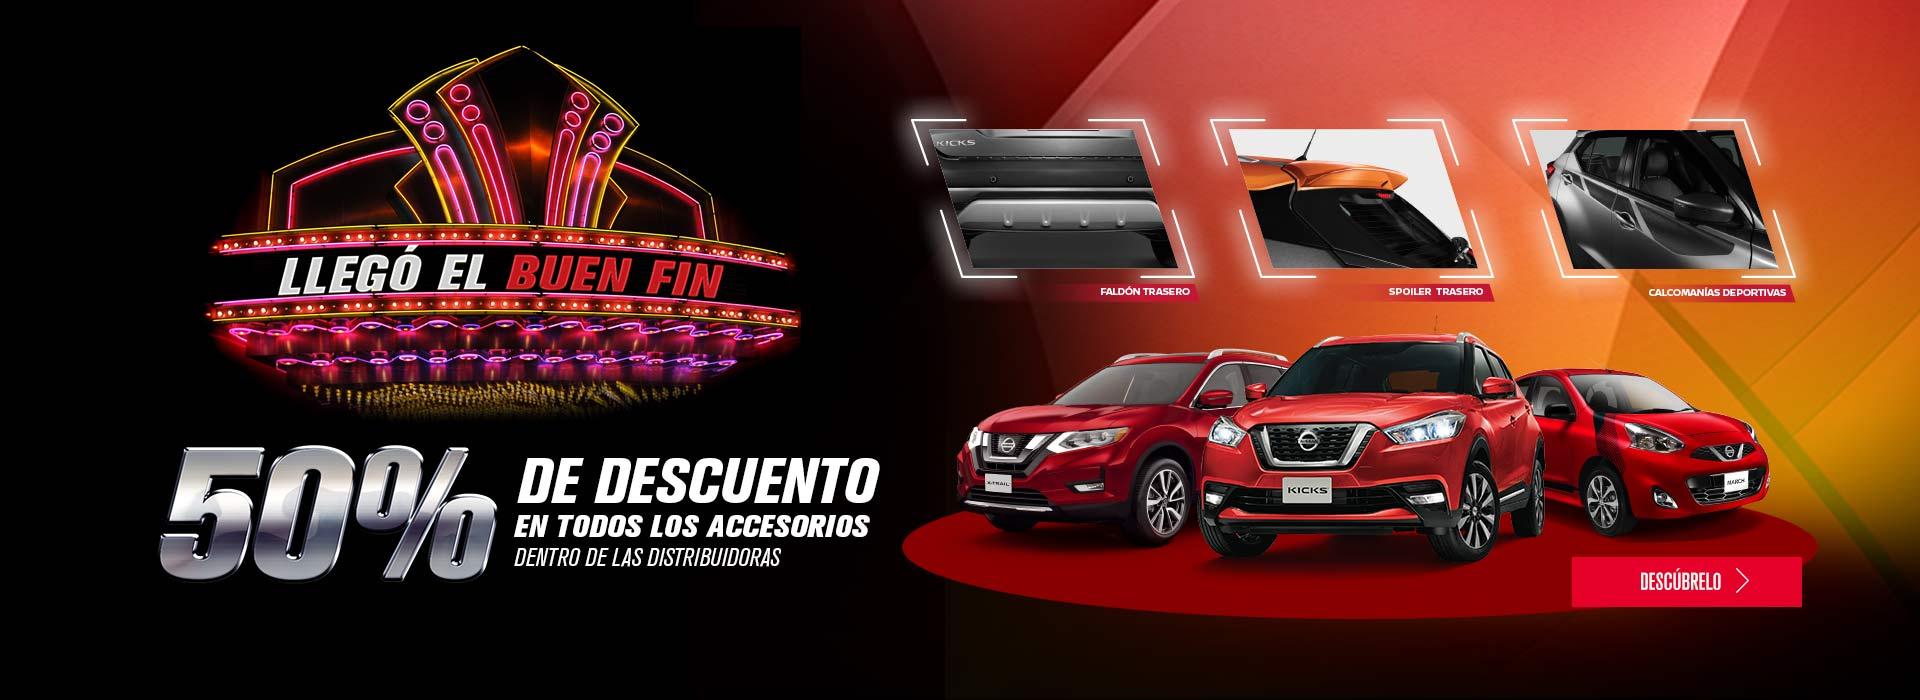 Nissan Acueducto y Vallarta: Todos los accesorios para tu auto con 50%